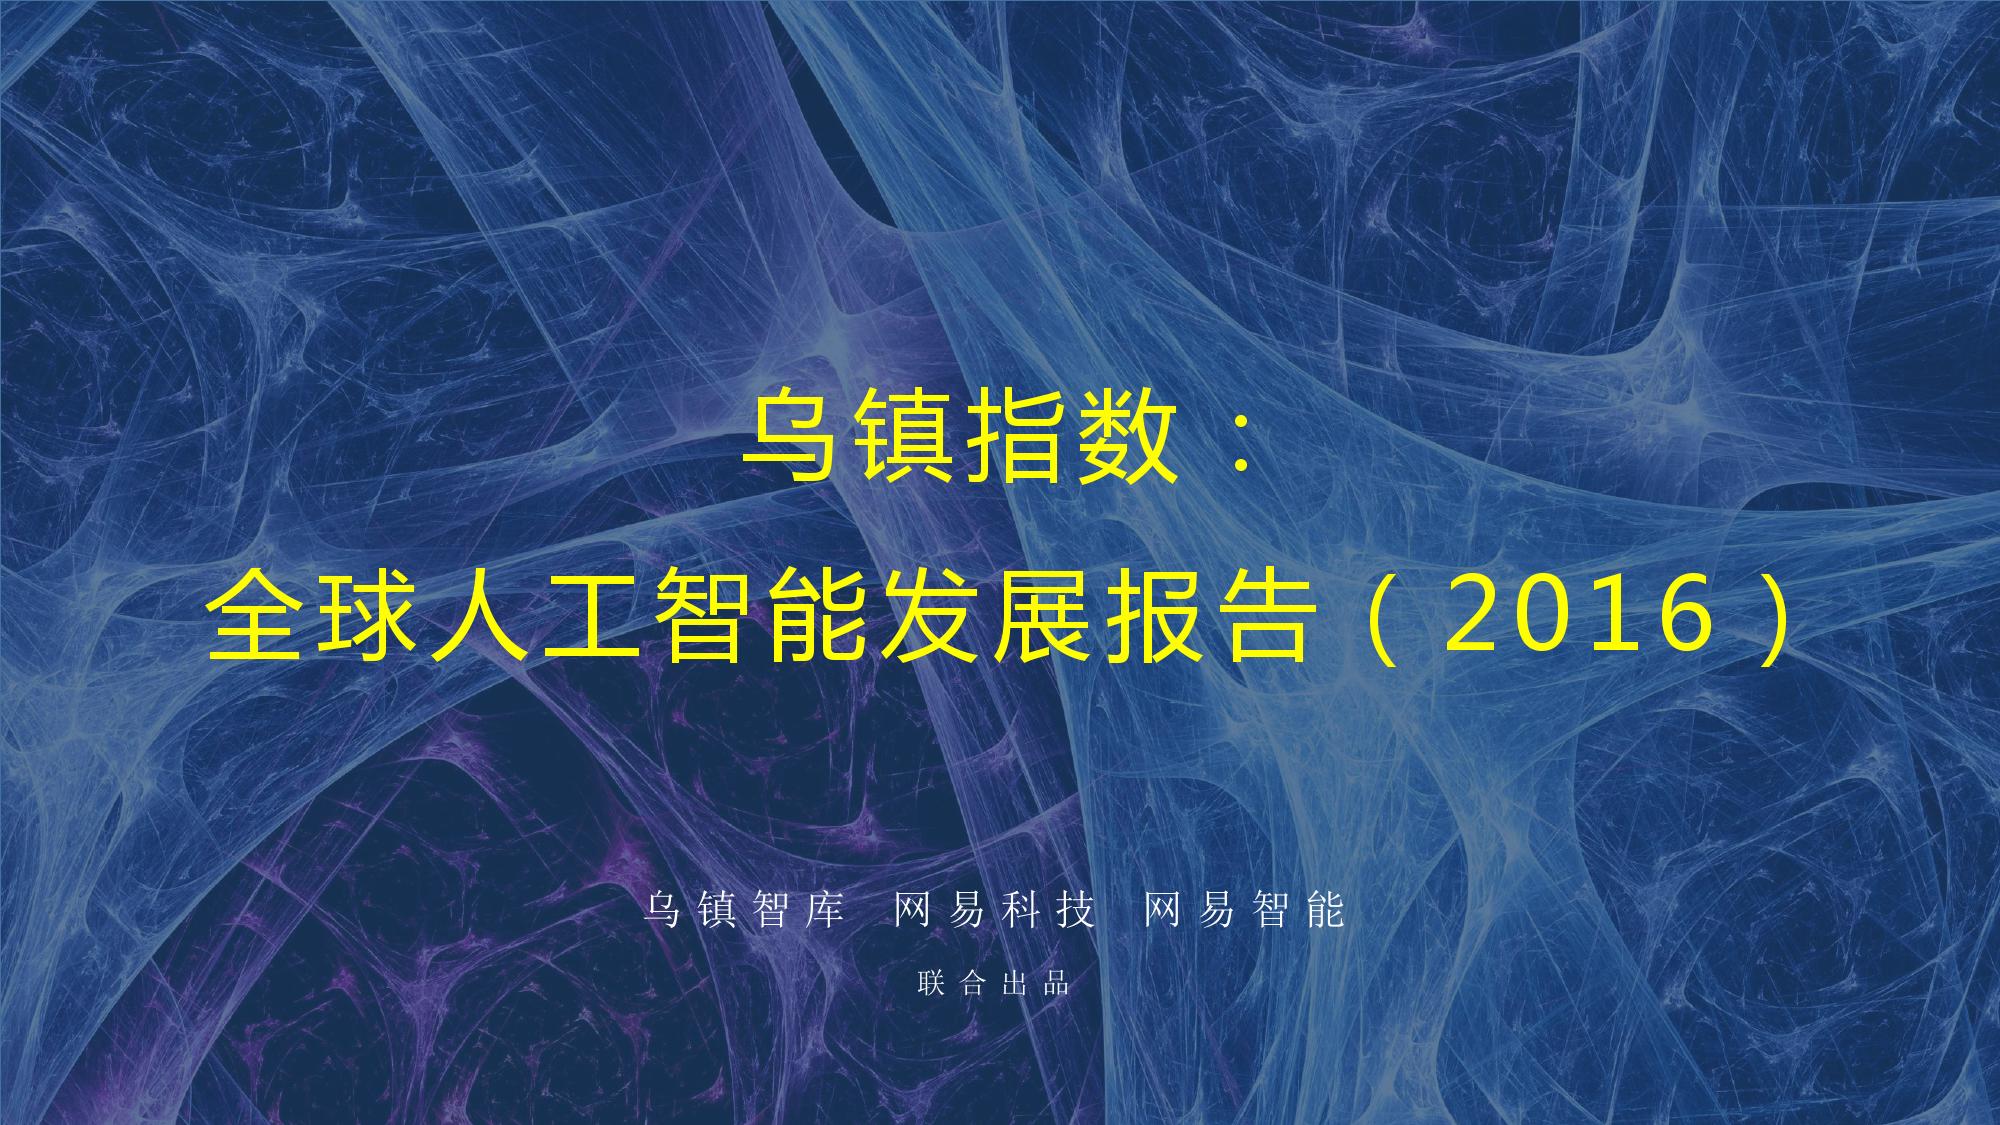 2016年全球人工智能发展报告_000001